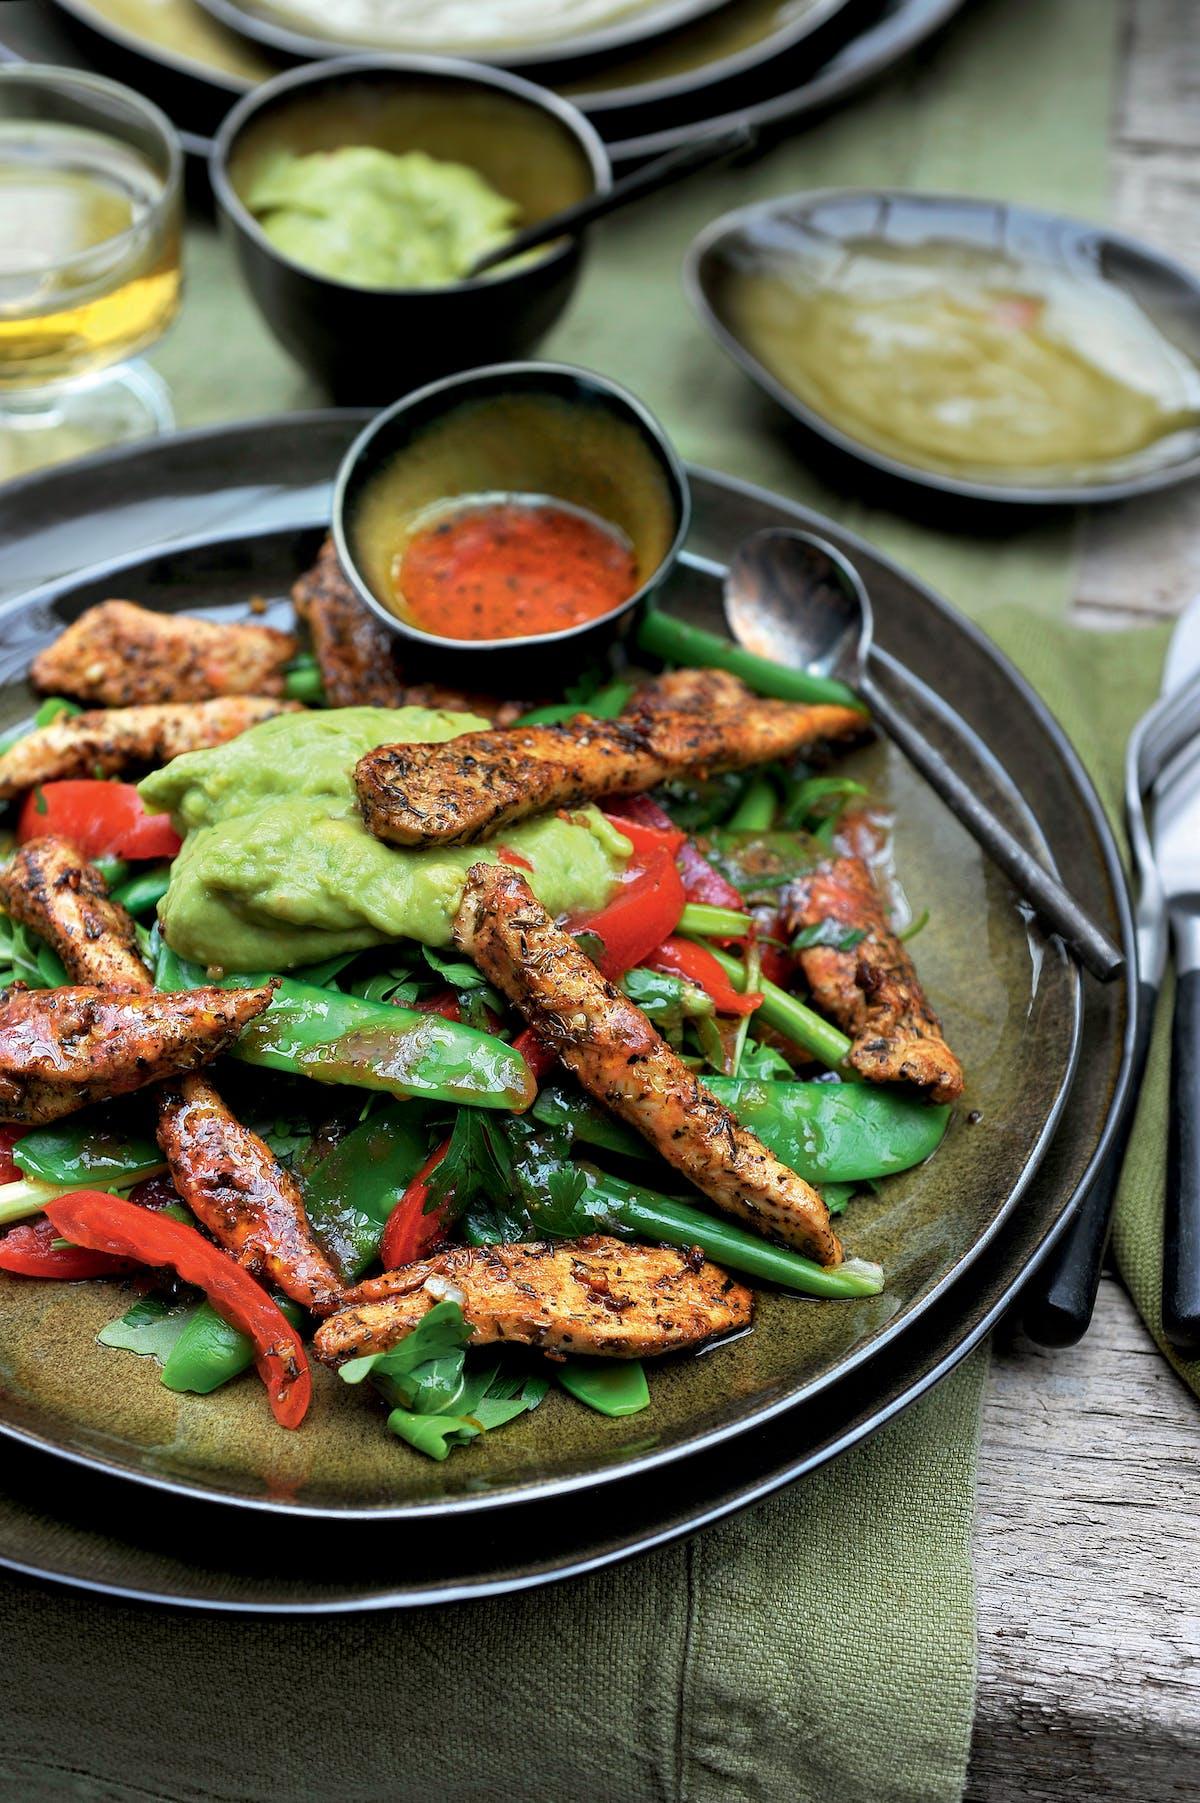 Cajun chicken salad with guacamole